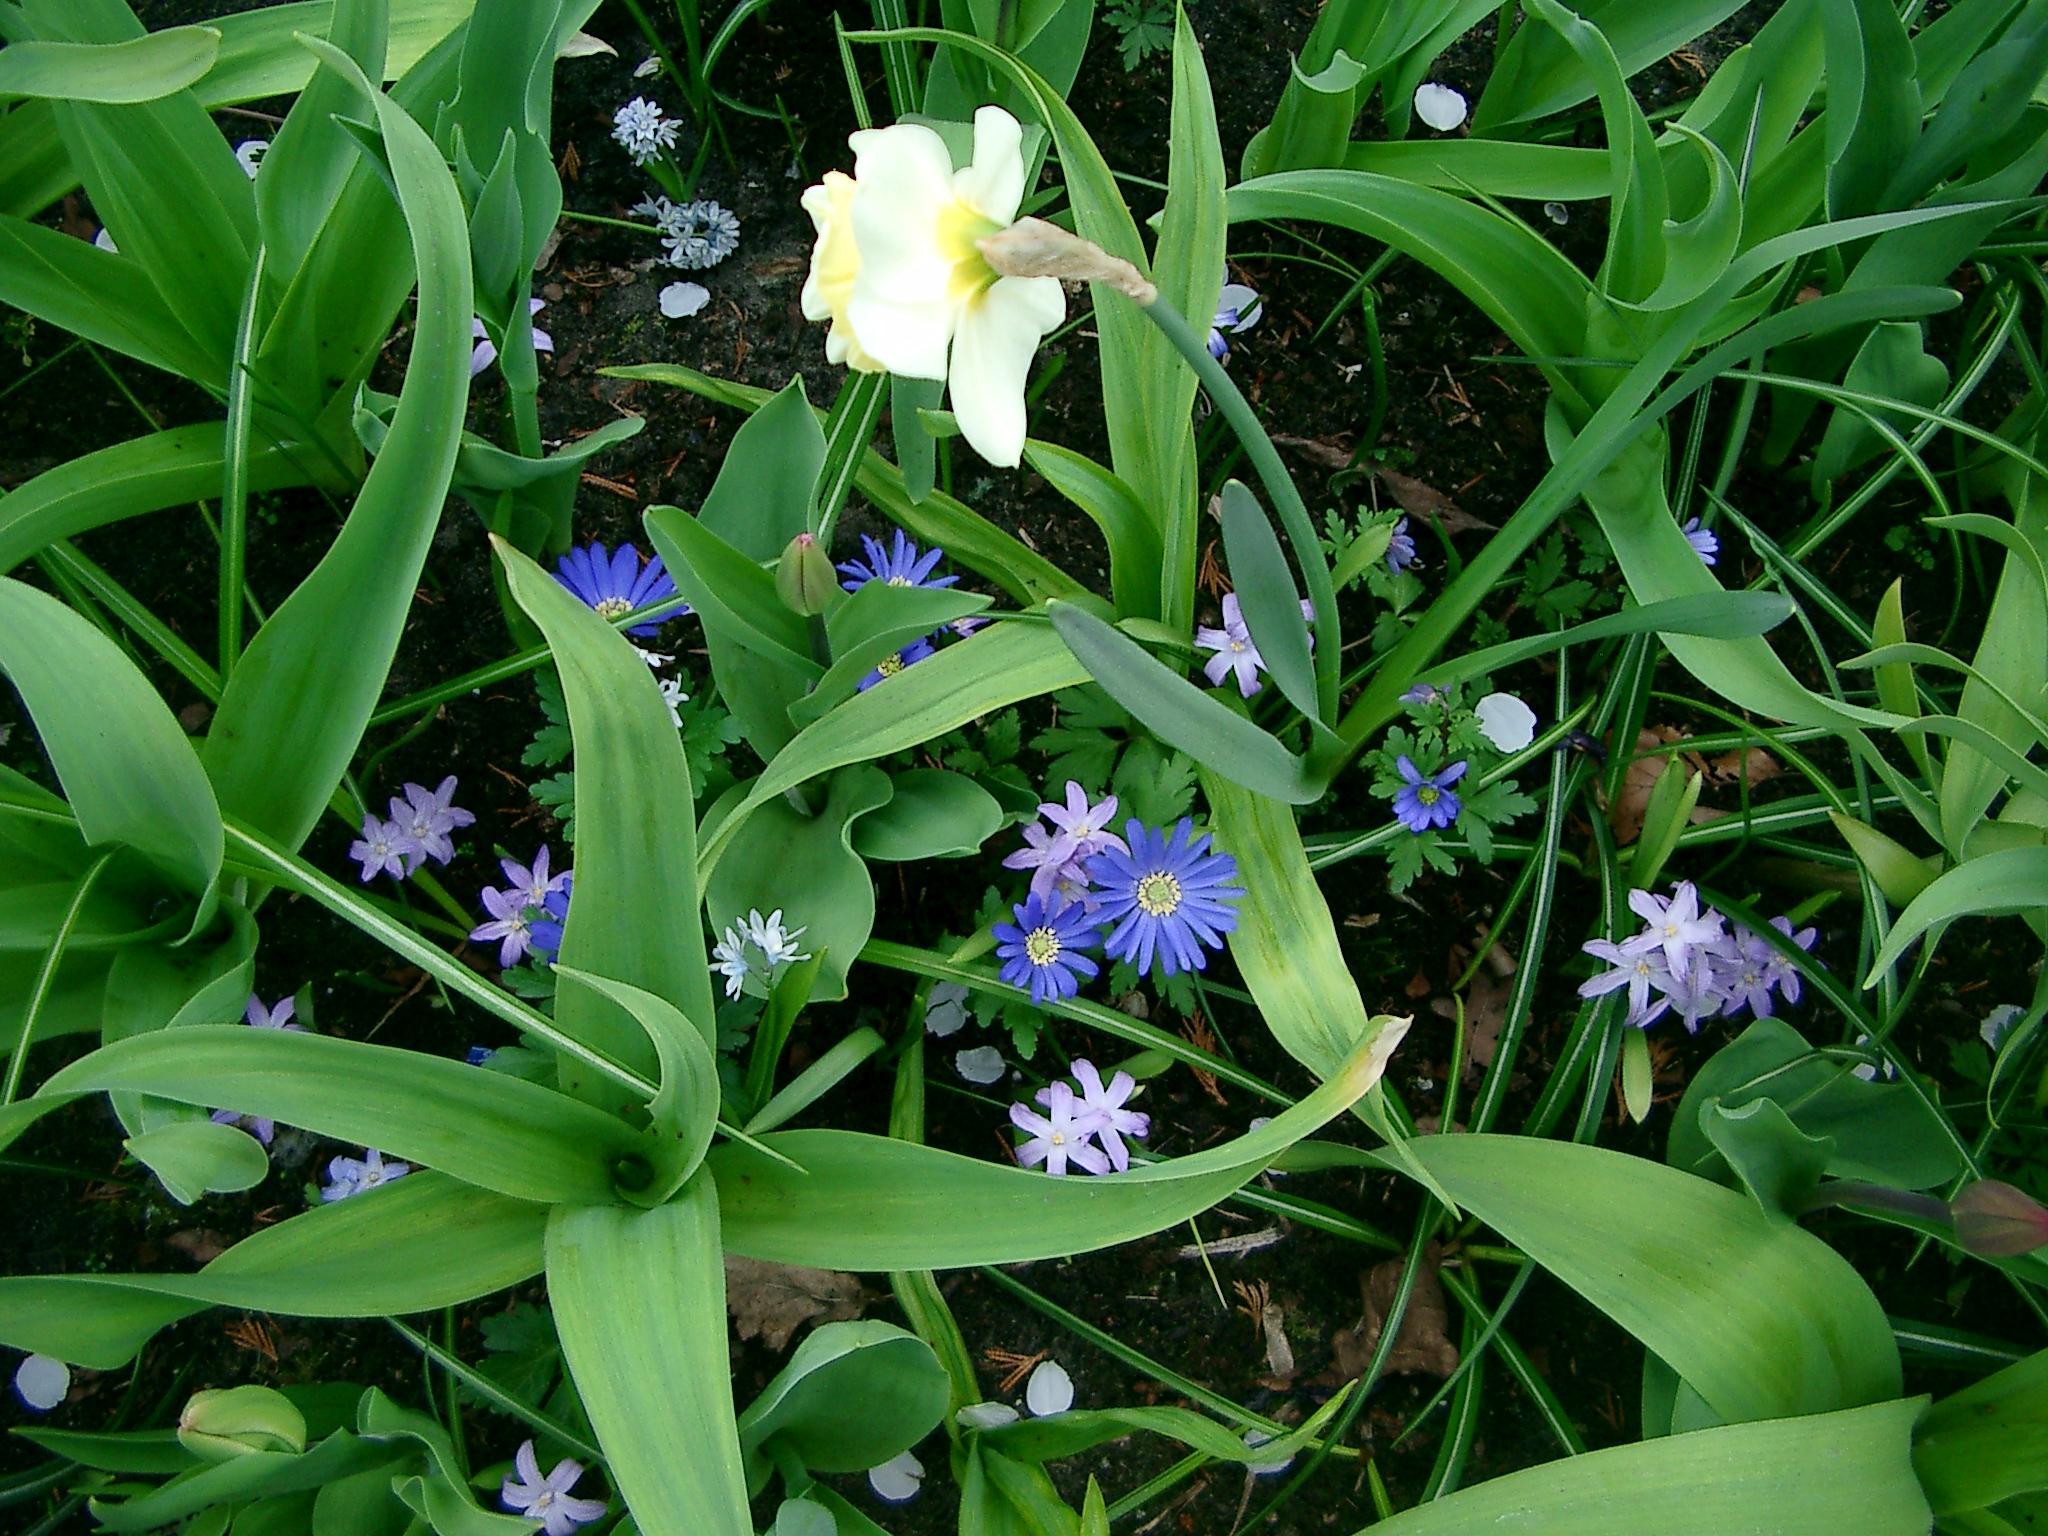 ออยชอบรูปนี้ที่สุด เอามาแบ่งปันให้ชมกันค่ะ ว่า แค่ดอกไม้เล็กๆ ในสวนแห่งนี้ ยังงามได้ขนาดนี้เลย :)